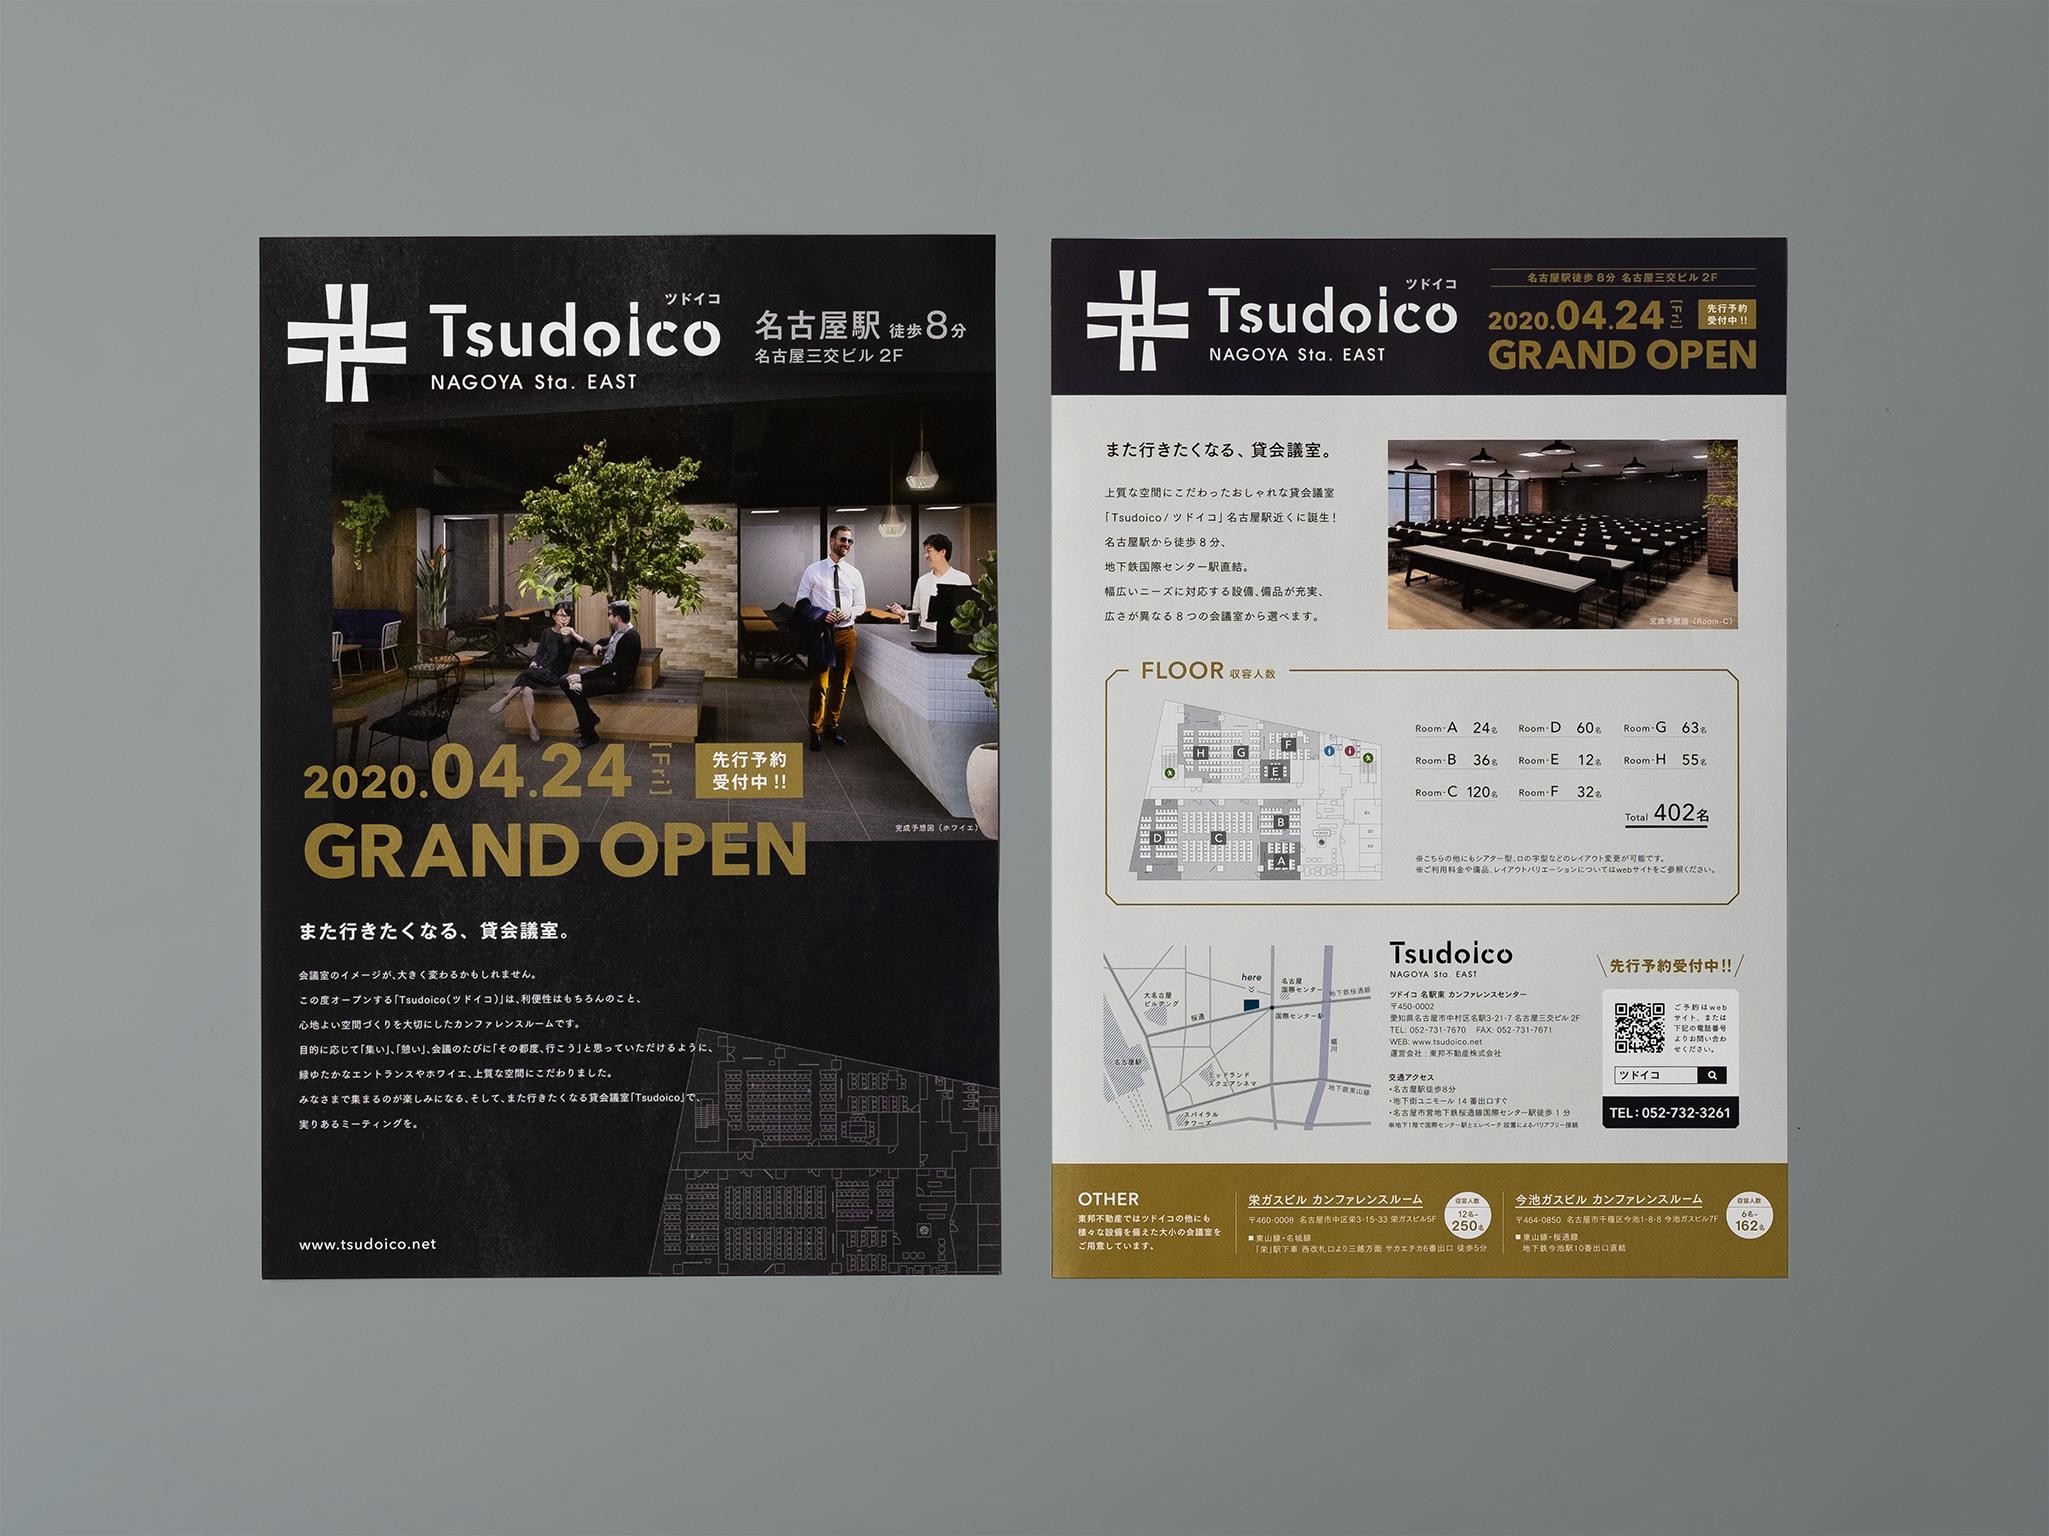 名古屋 ブランディング レンズアソシエイツ 東邦不動産株式会社 Tsudoico